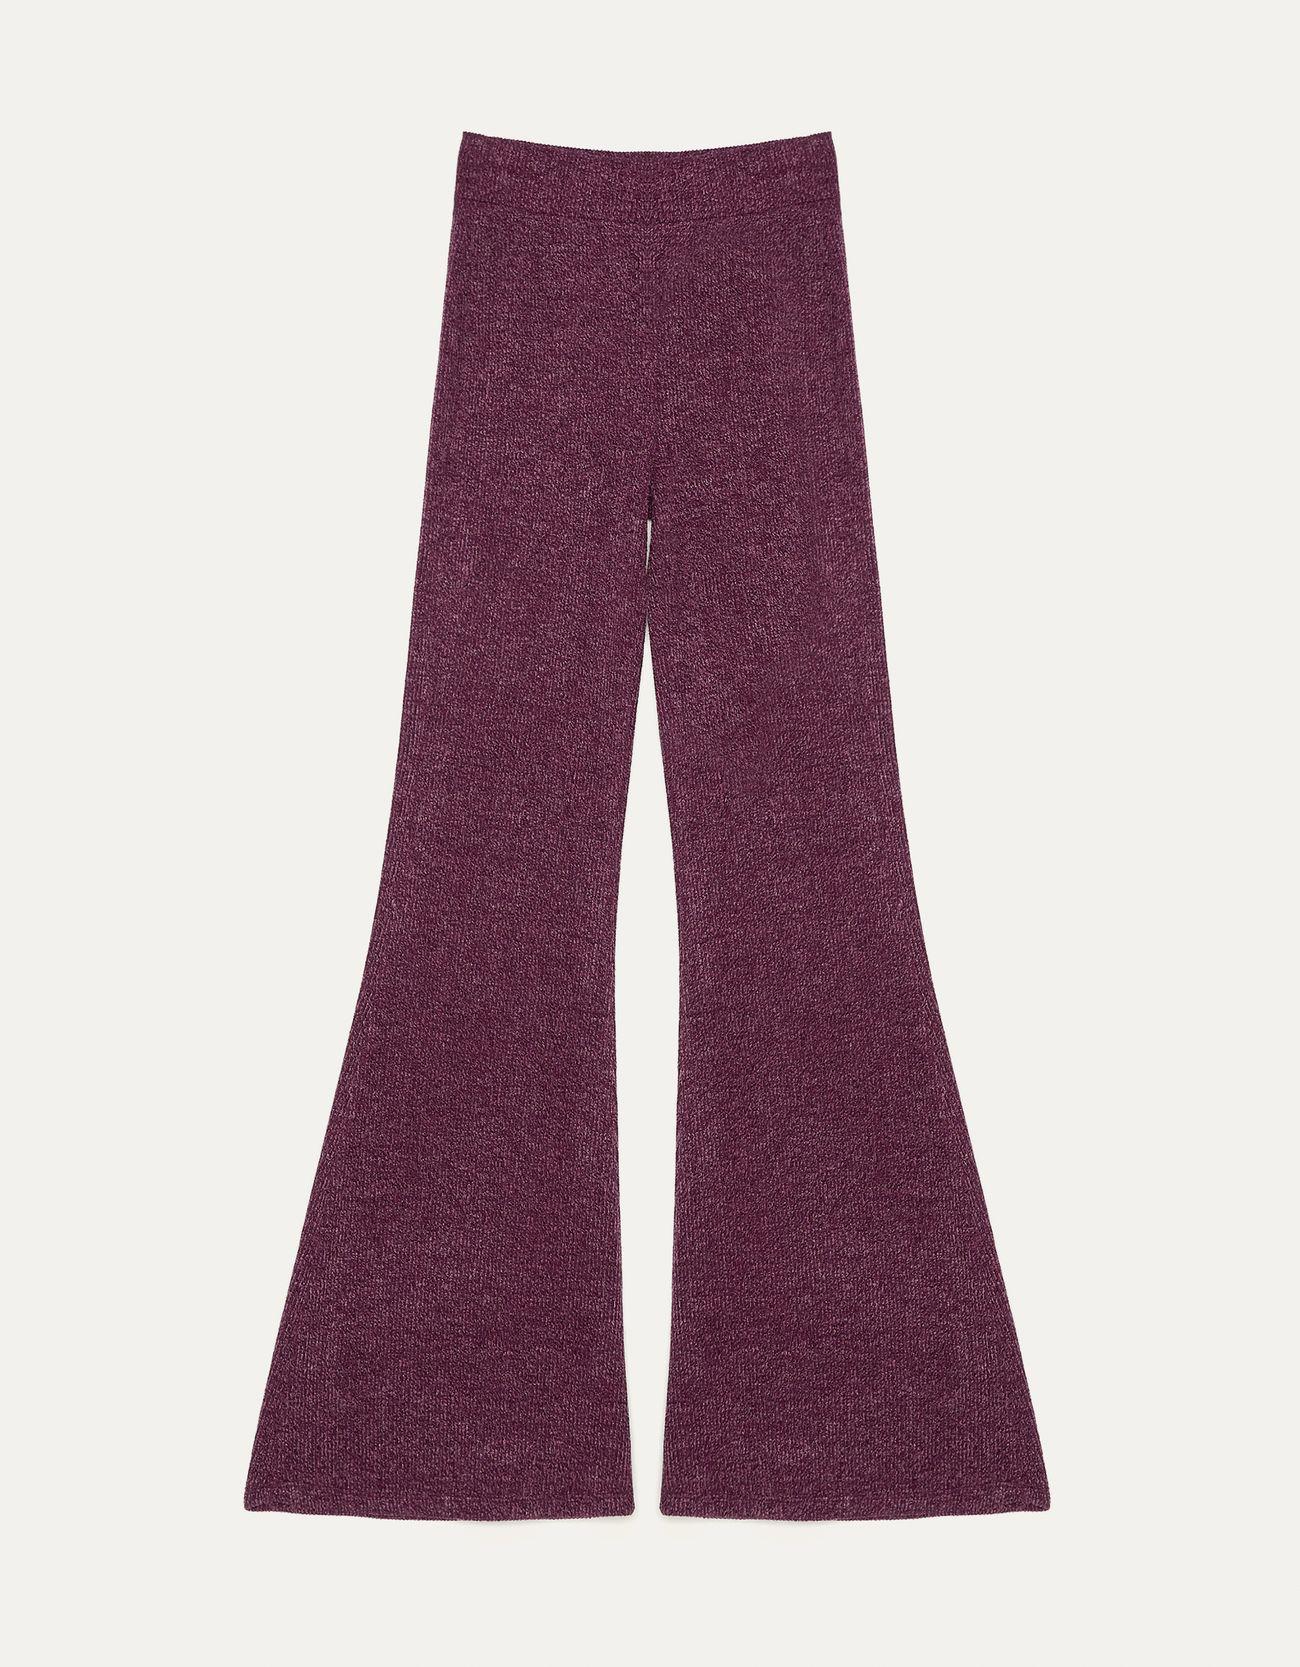 Брюки-клеш из ткани в рубчик Фиолетовый Bershka